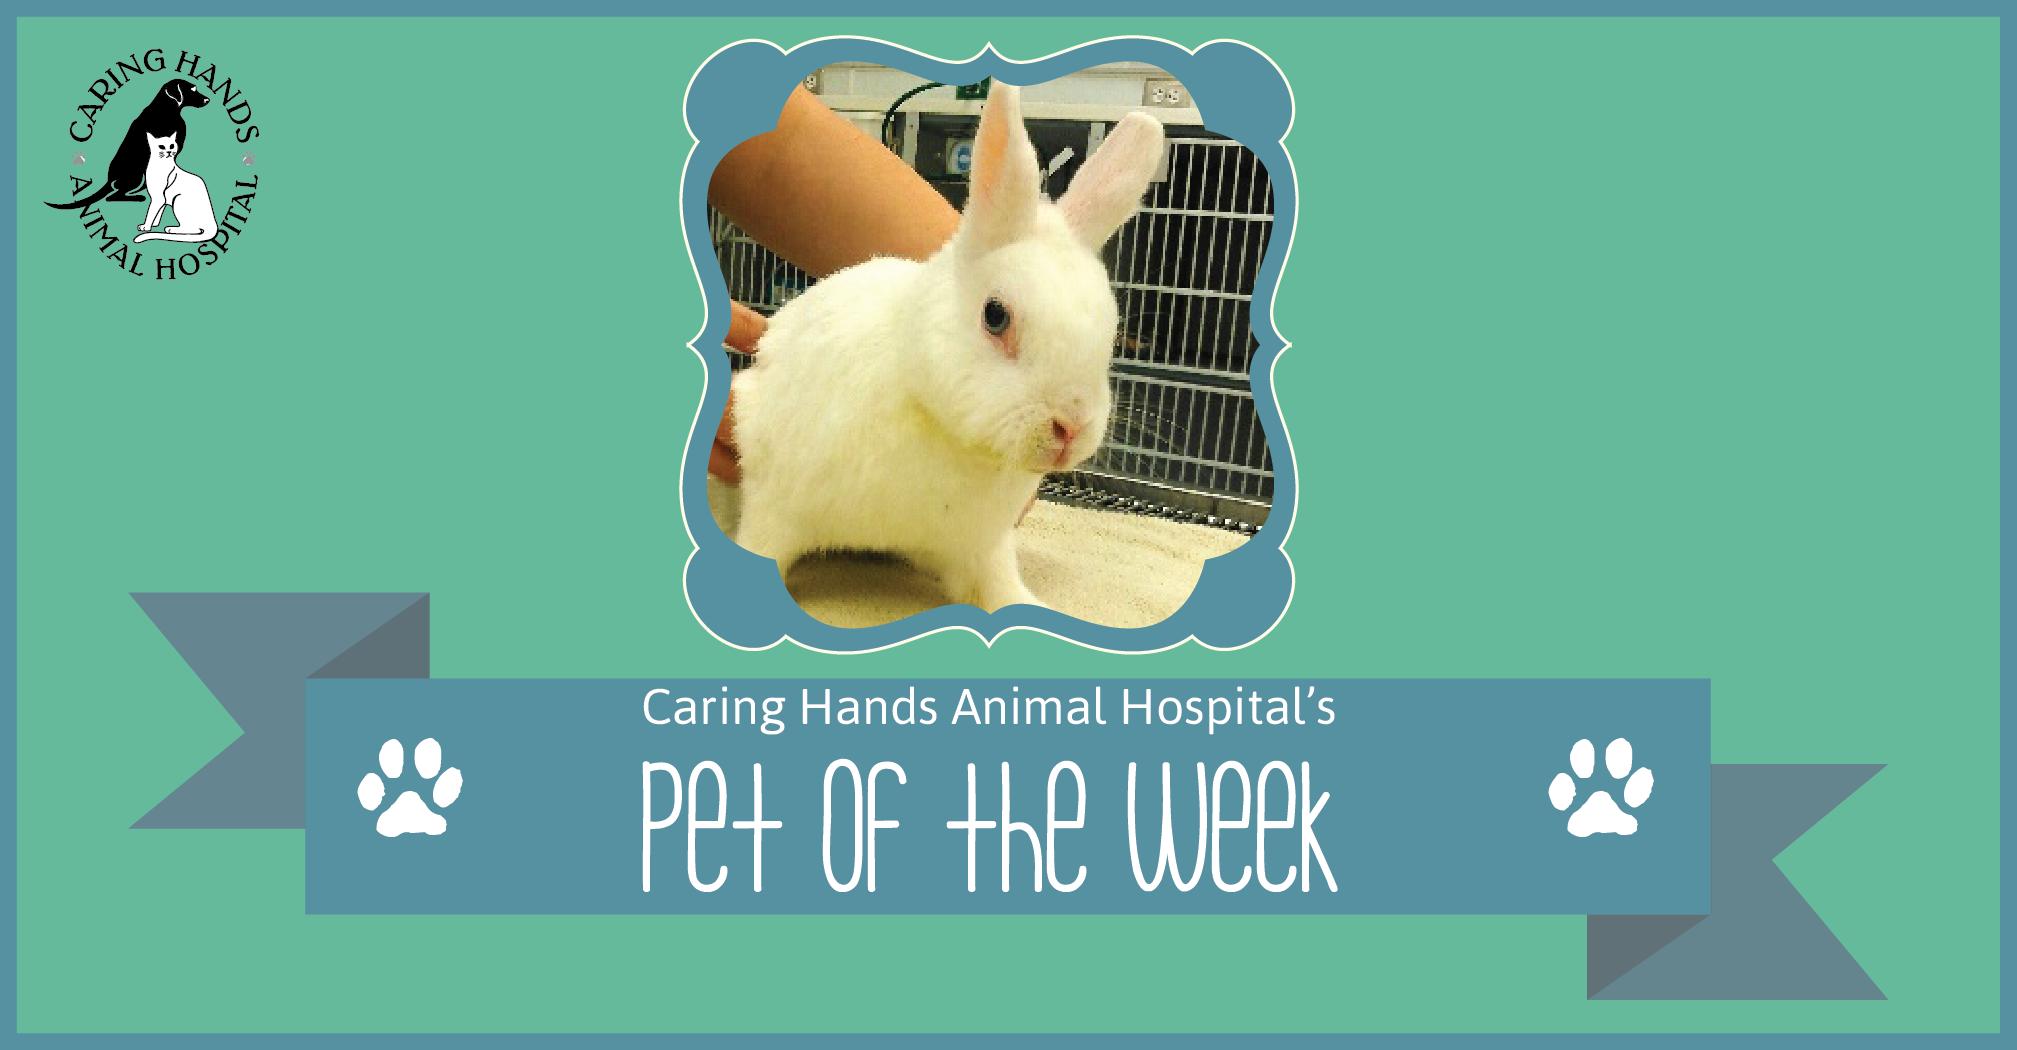 Pet of the Week - Zoey Hegner